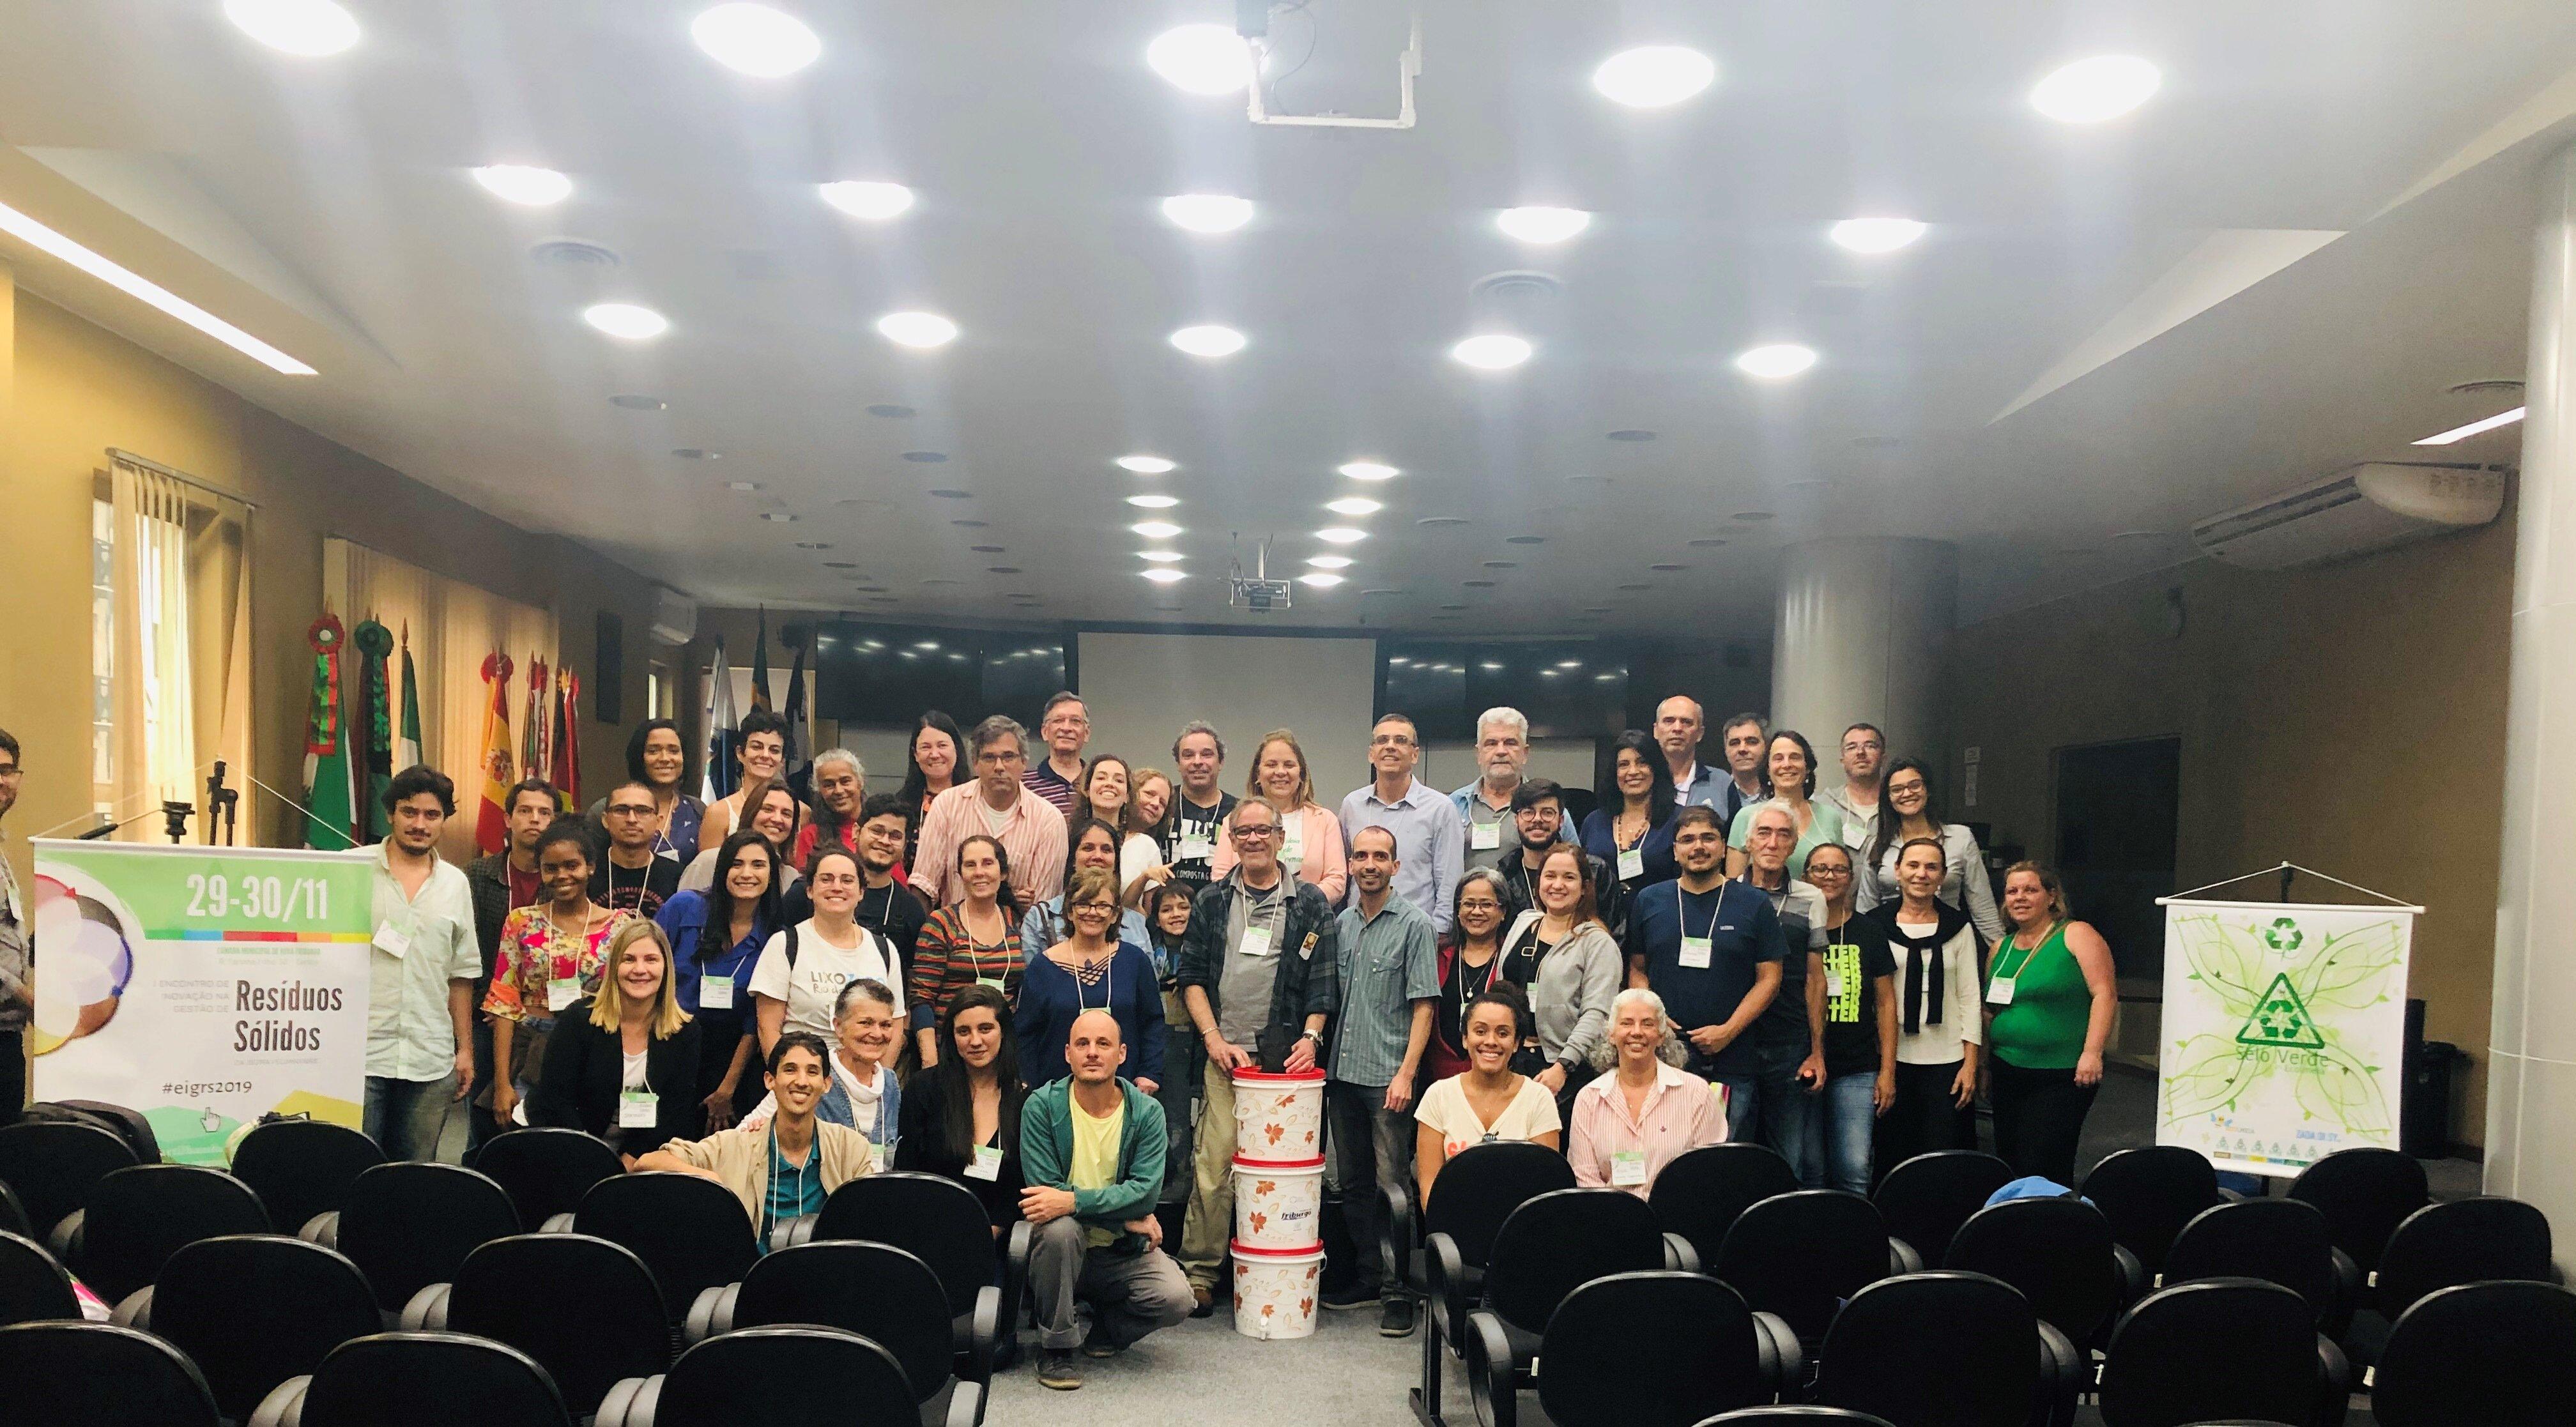 1º Encontro de Inovação na Gestão de Resíduos Sólidos da Serra Fluminense, realizado nos dias 29 e 30 de novembro de 2019. (Foto: Divulgação)